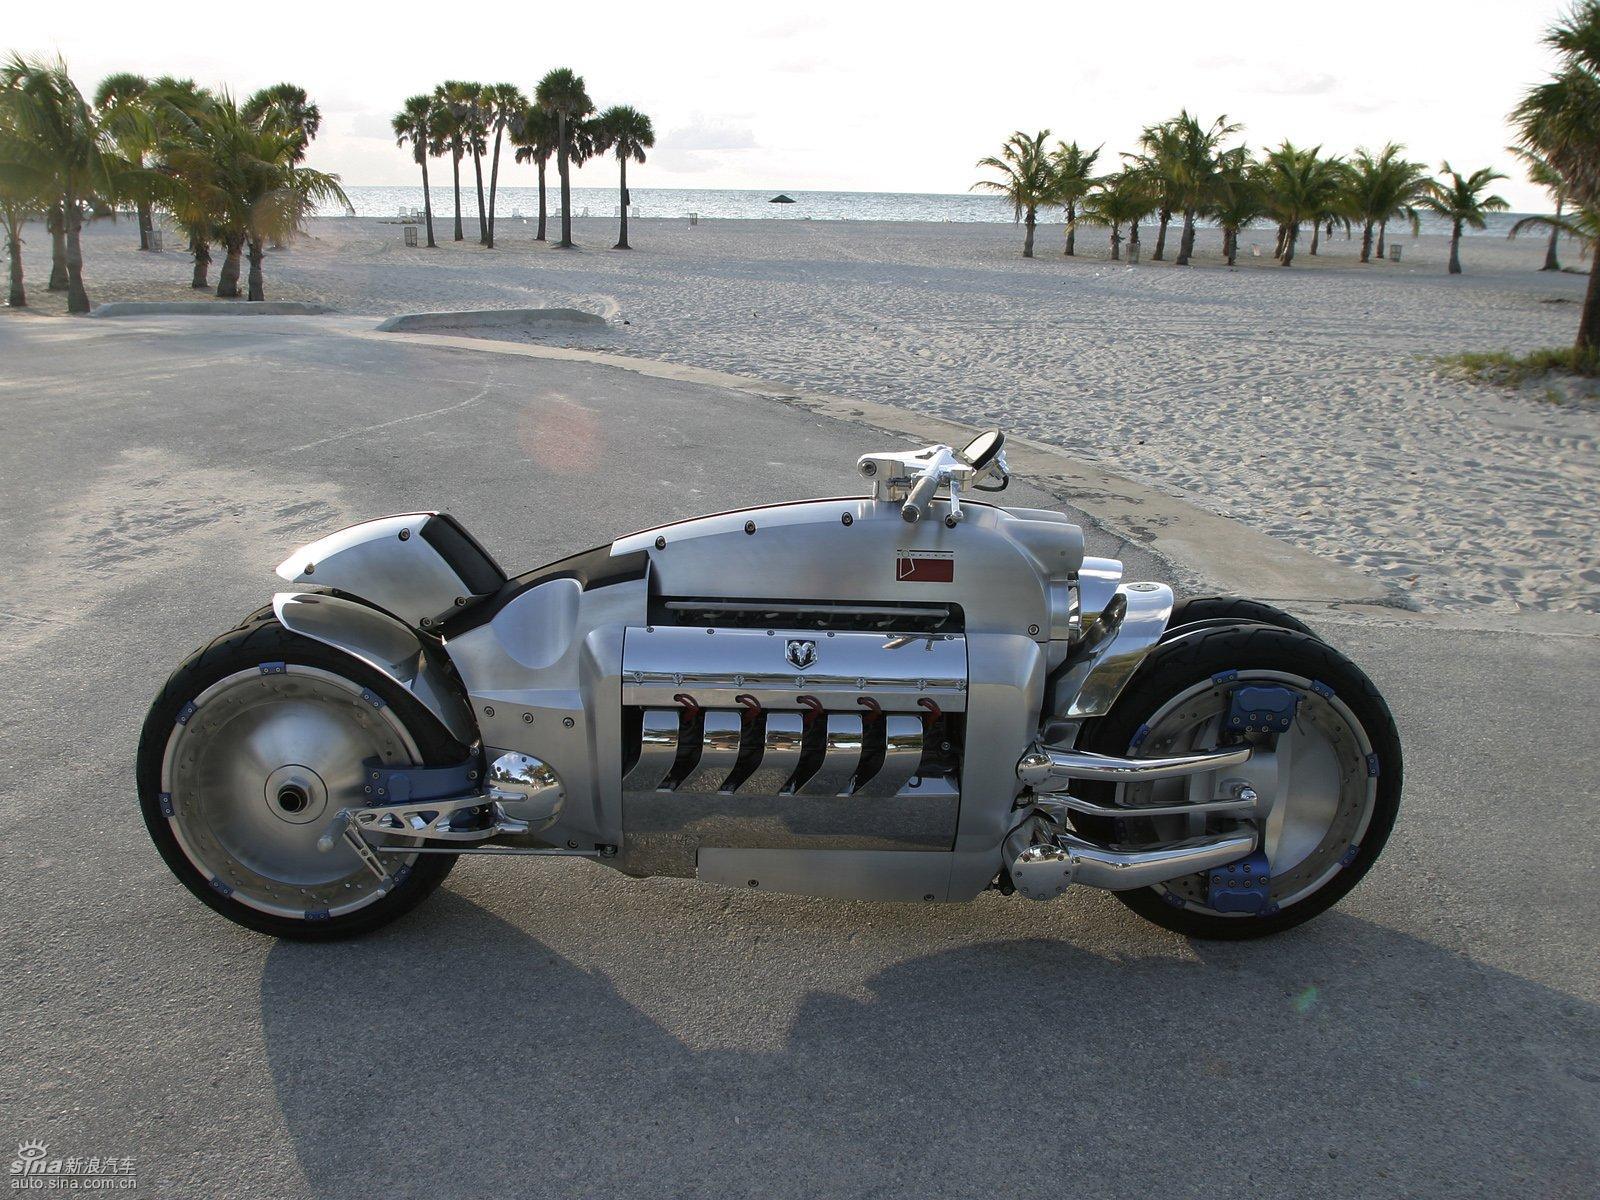 超级摩托车道零数战斧图片欣赐予_图片